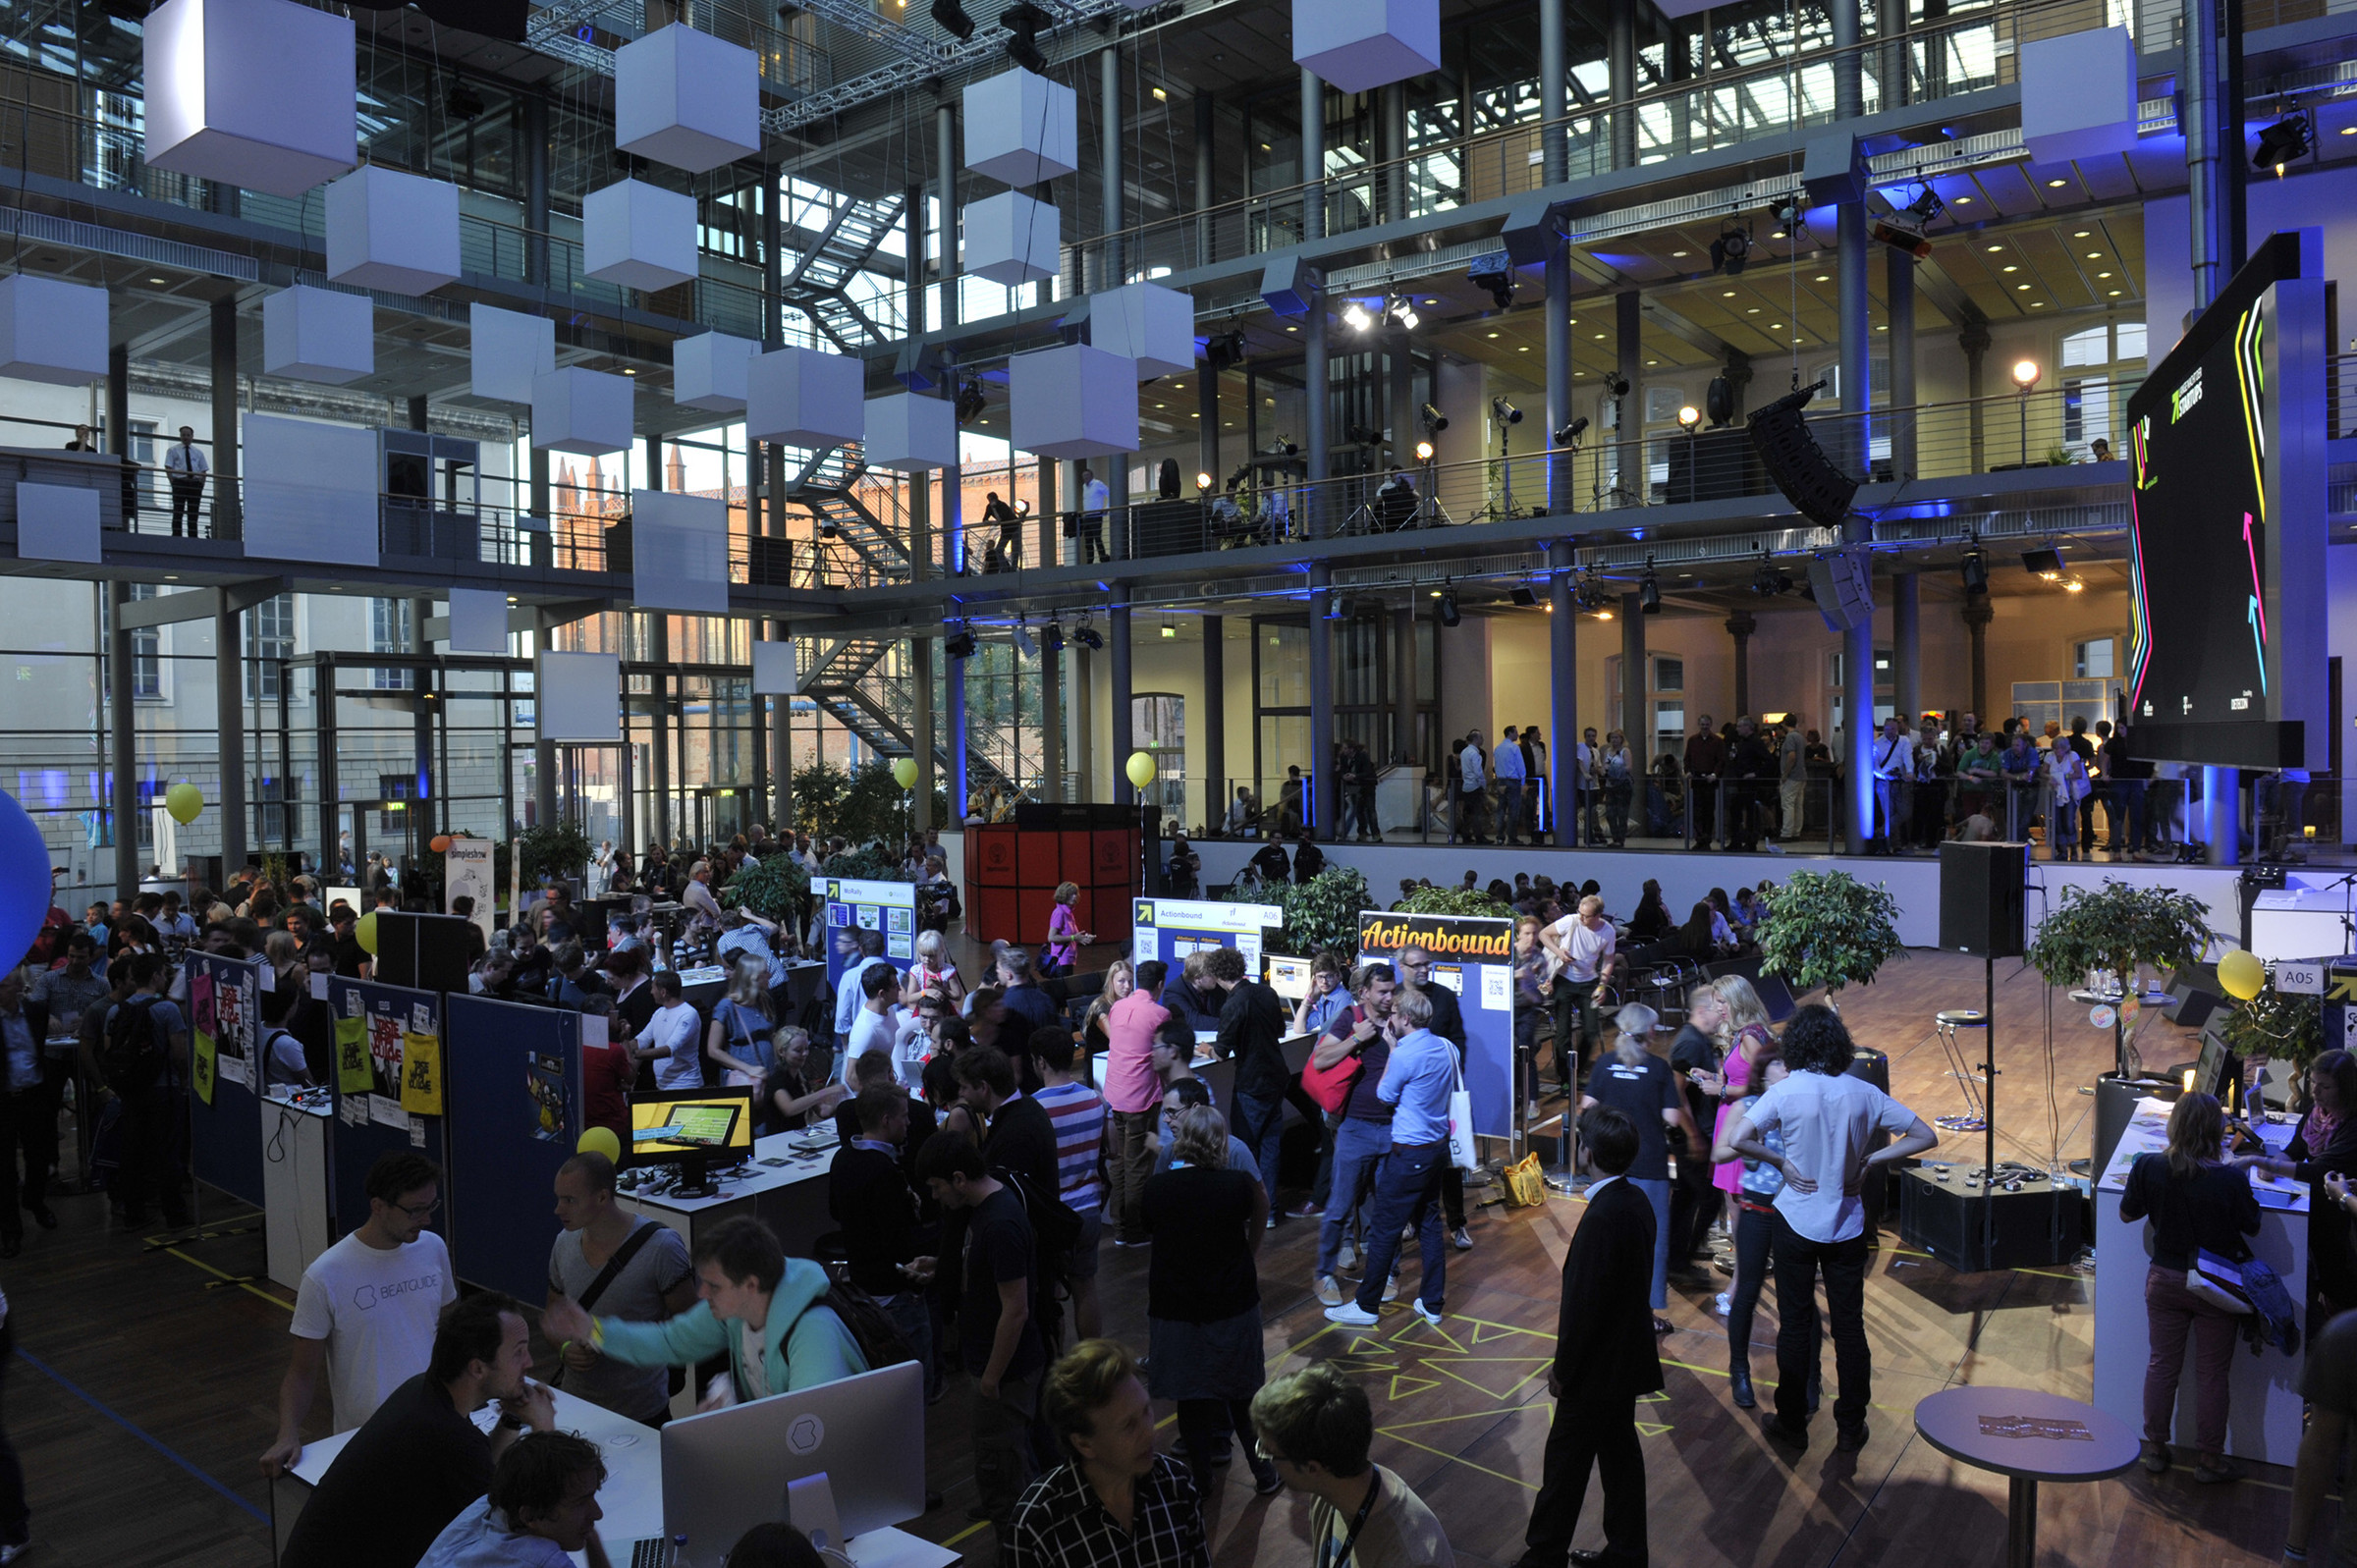 Lange Nacht der Startups in Berlin: Bewerbung jetzt möglich #05/09/2015